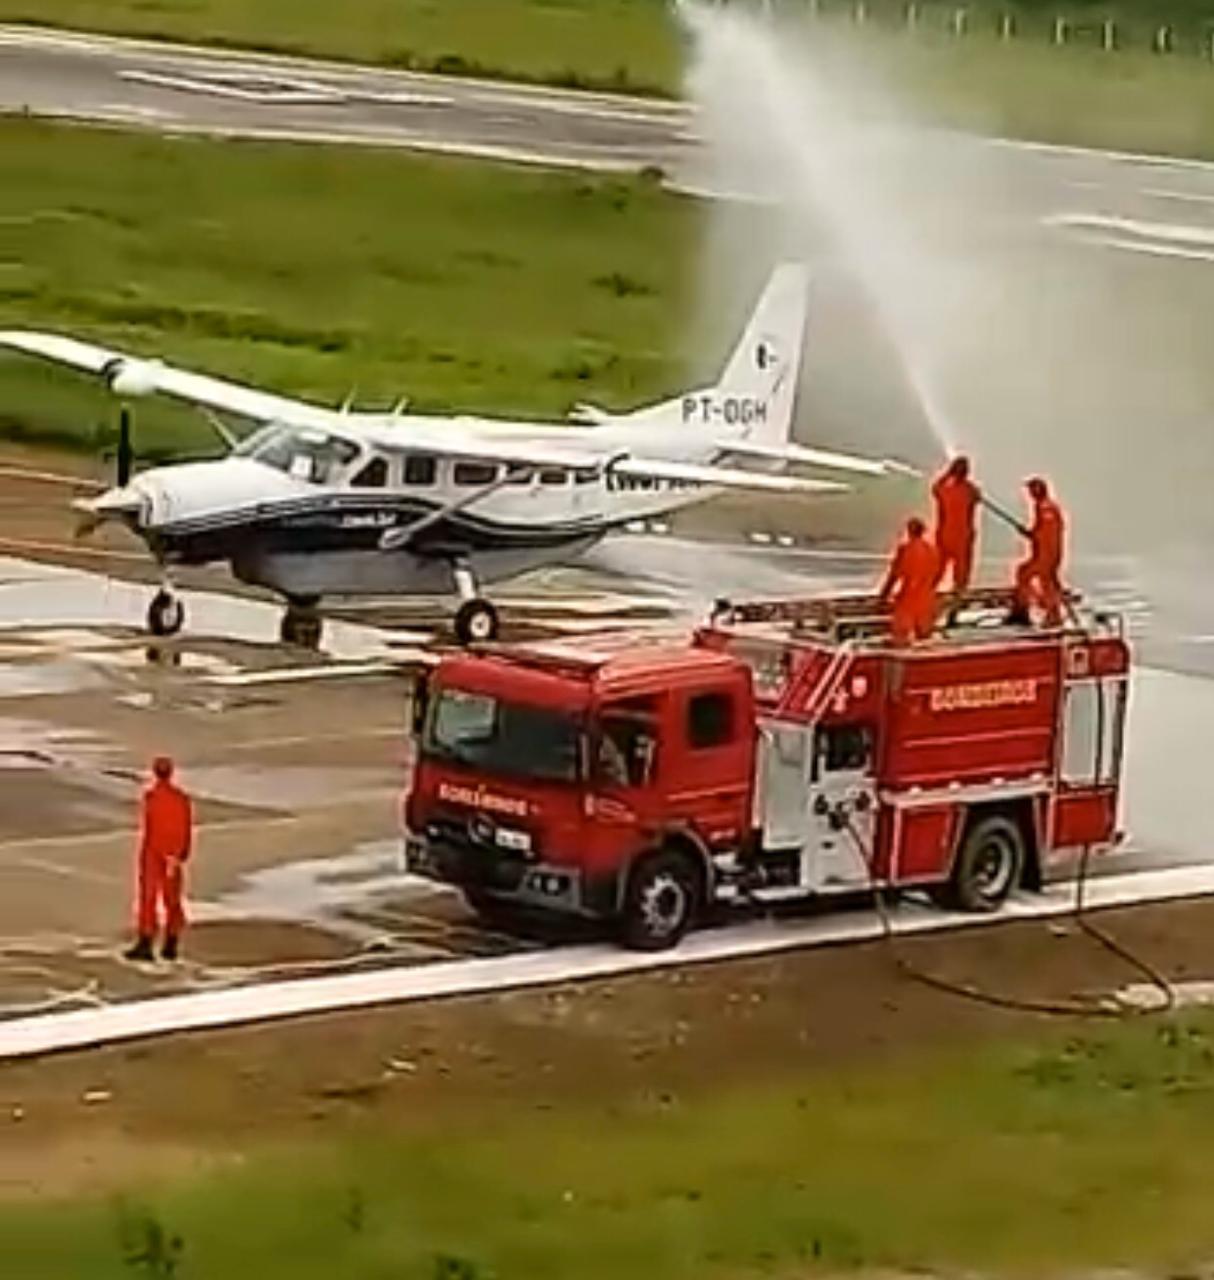 Corpo de Bombeiros realiza banho de aeronave no aeroporto Pedro Teixeira Castelo, em Tauá